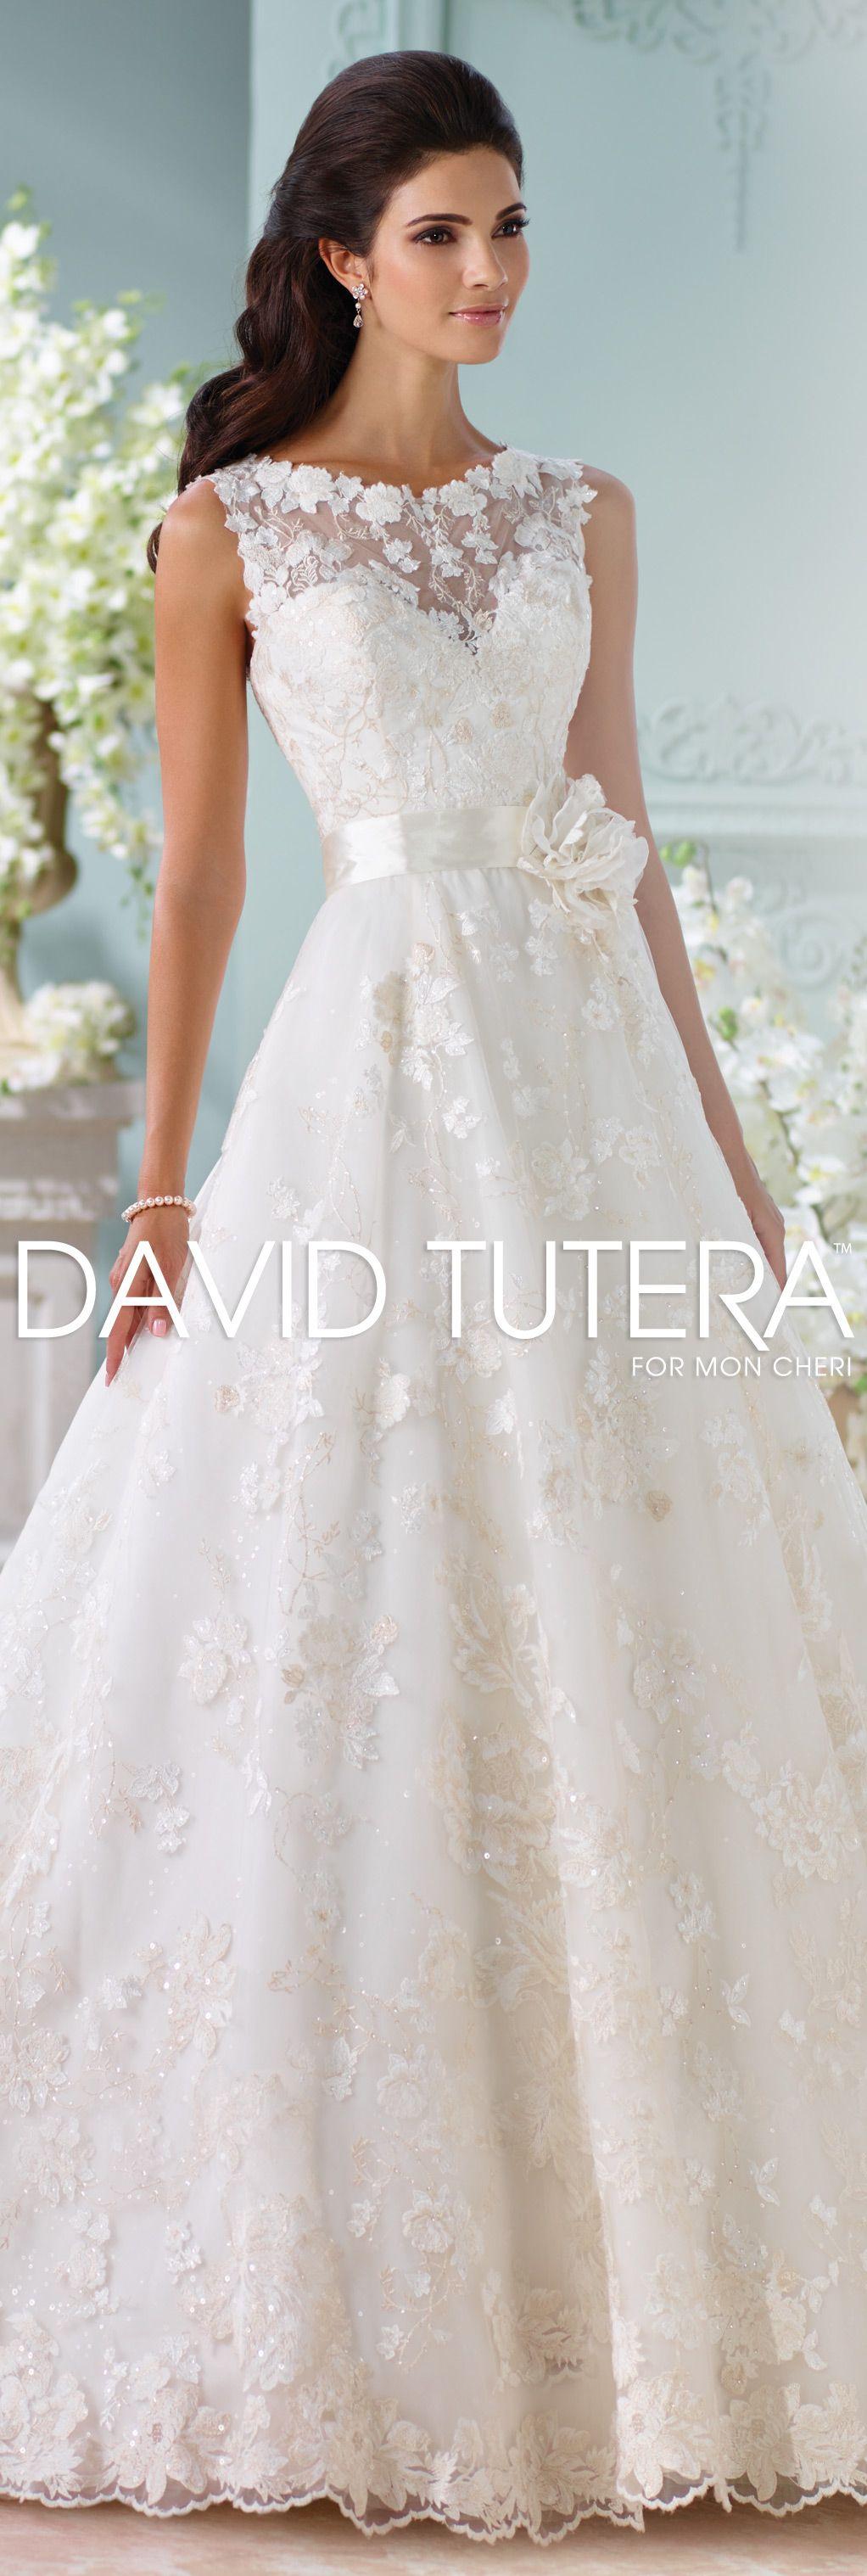 Unique Wedding Dresses Spring 2018 - Martin Thornburg ...